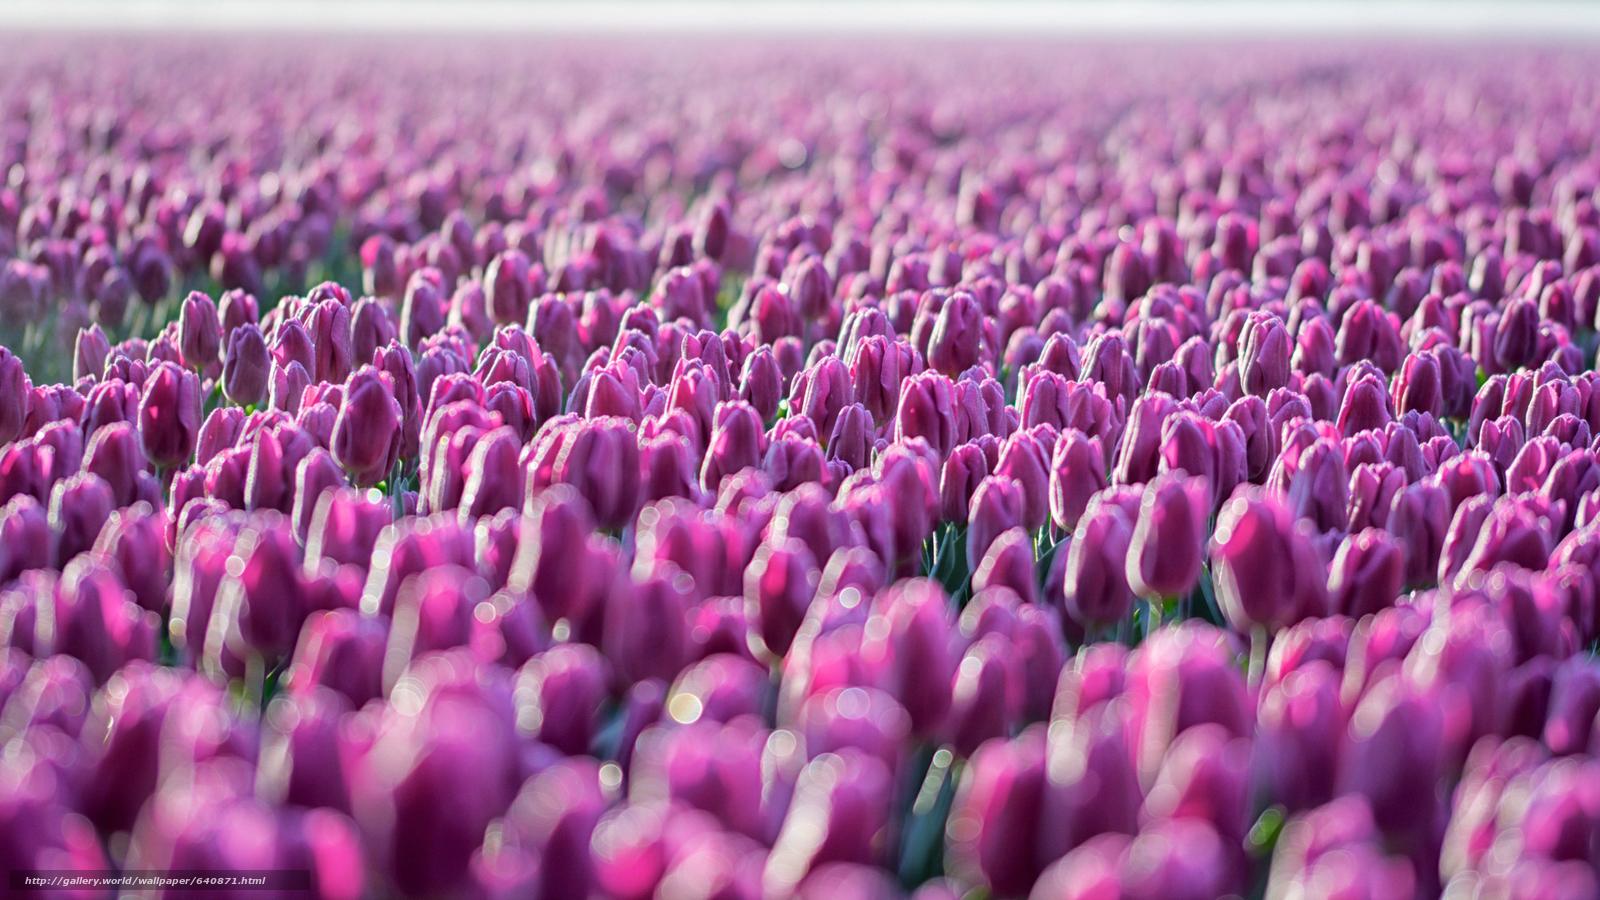 Download Hintergrund Tulpe,  TULIPS,  Blumen,  Blume Freie desktop Tapeten in der Auflosung 2048x1152 — bild №640871